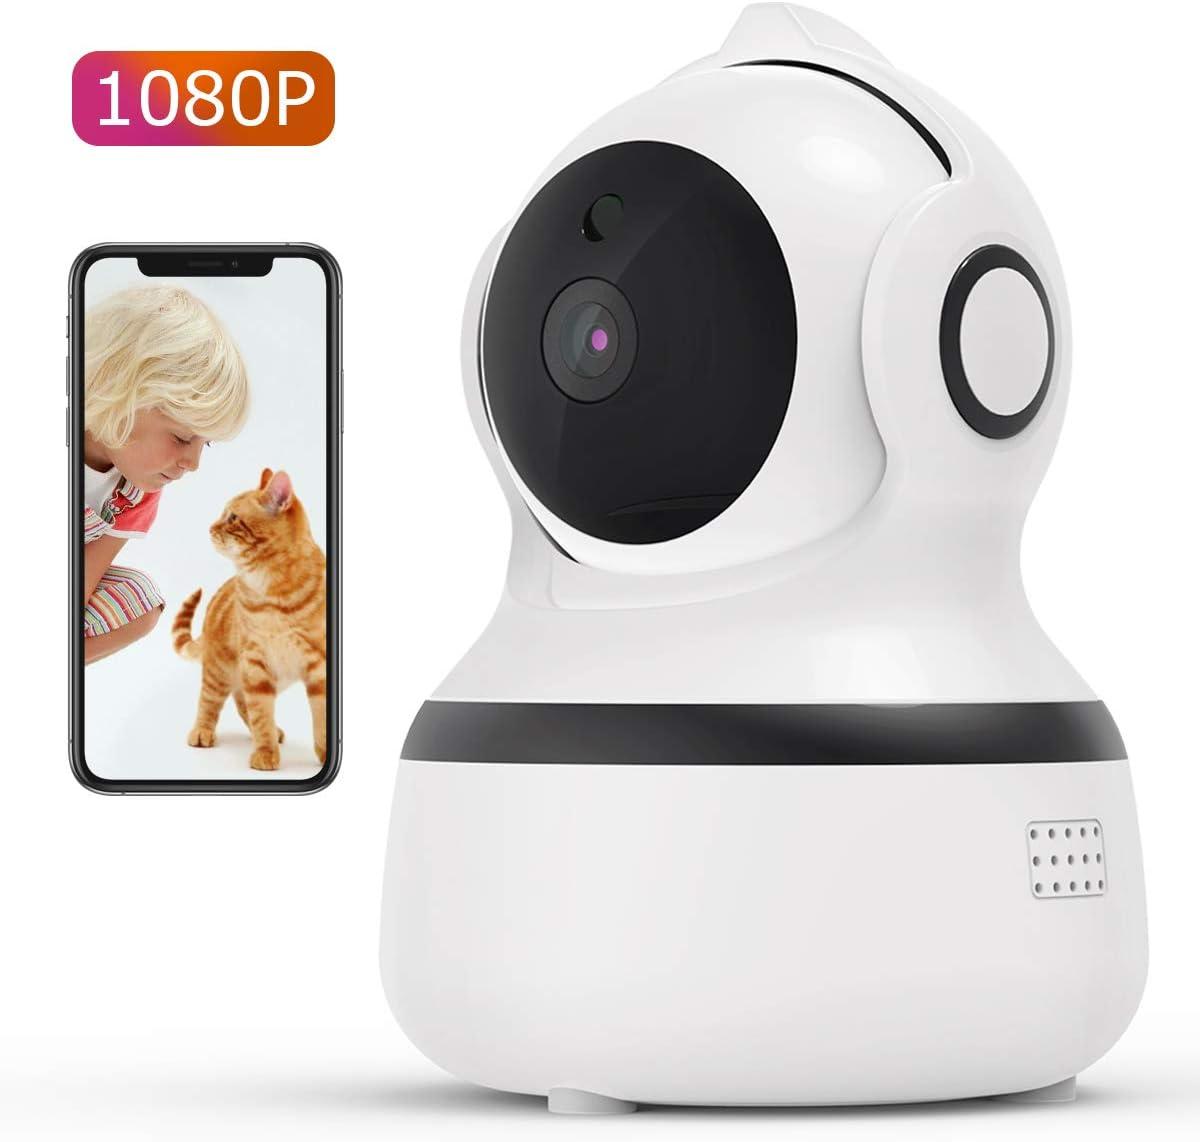 CACAGOO1080P Cámara IP WiFi,Cámara de Vigilancia FHD con Visión Nocturna,Detección de MovimientoMonitor para Bebe/Perros, Audio de 2 Vías, 2.4GHz WiFi, Compatible con iOS/Android